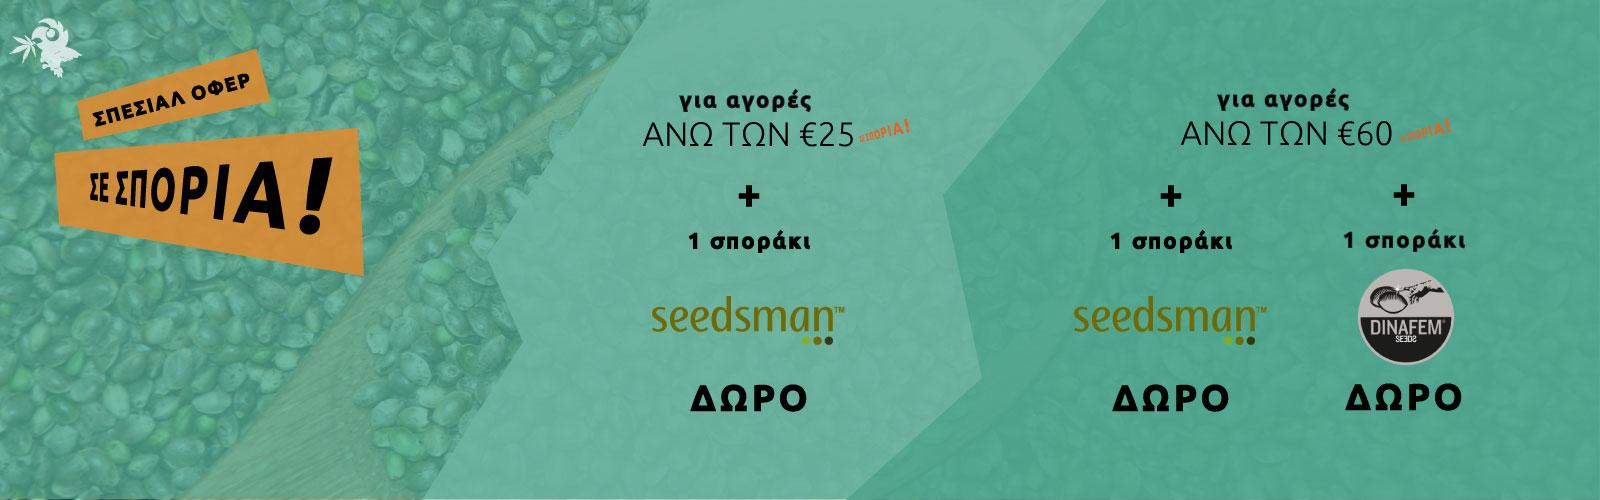 Προσφορά σε σπόρους κάνναβης | Seedsman + Dinafem